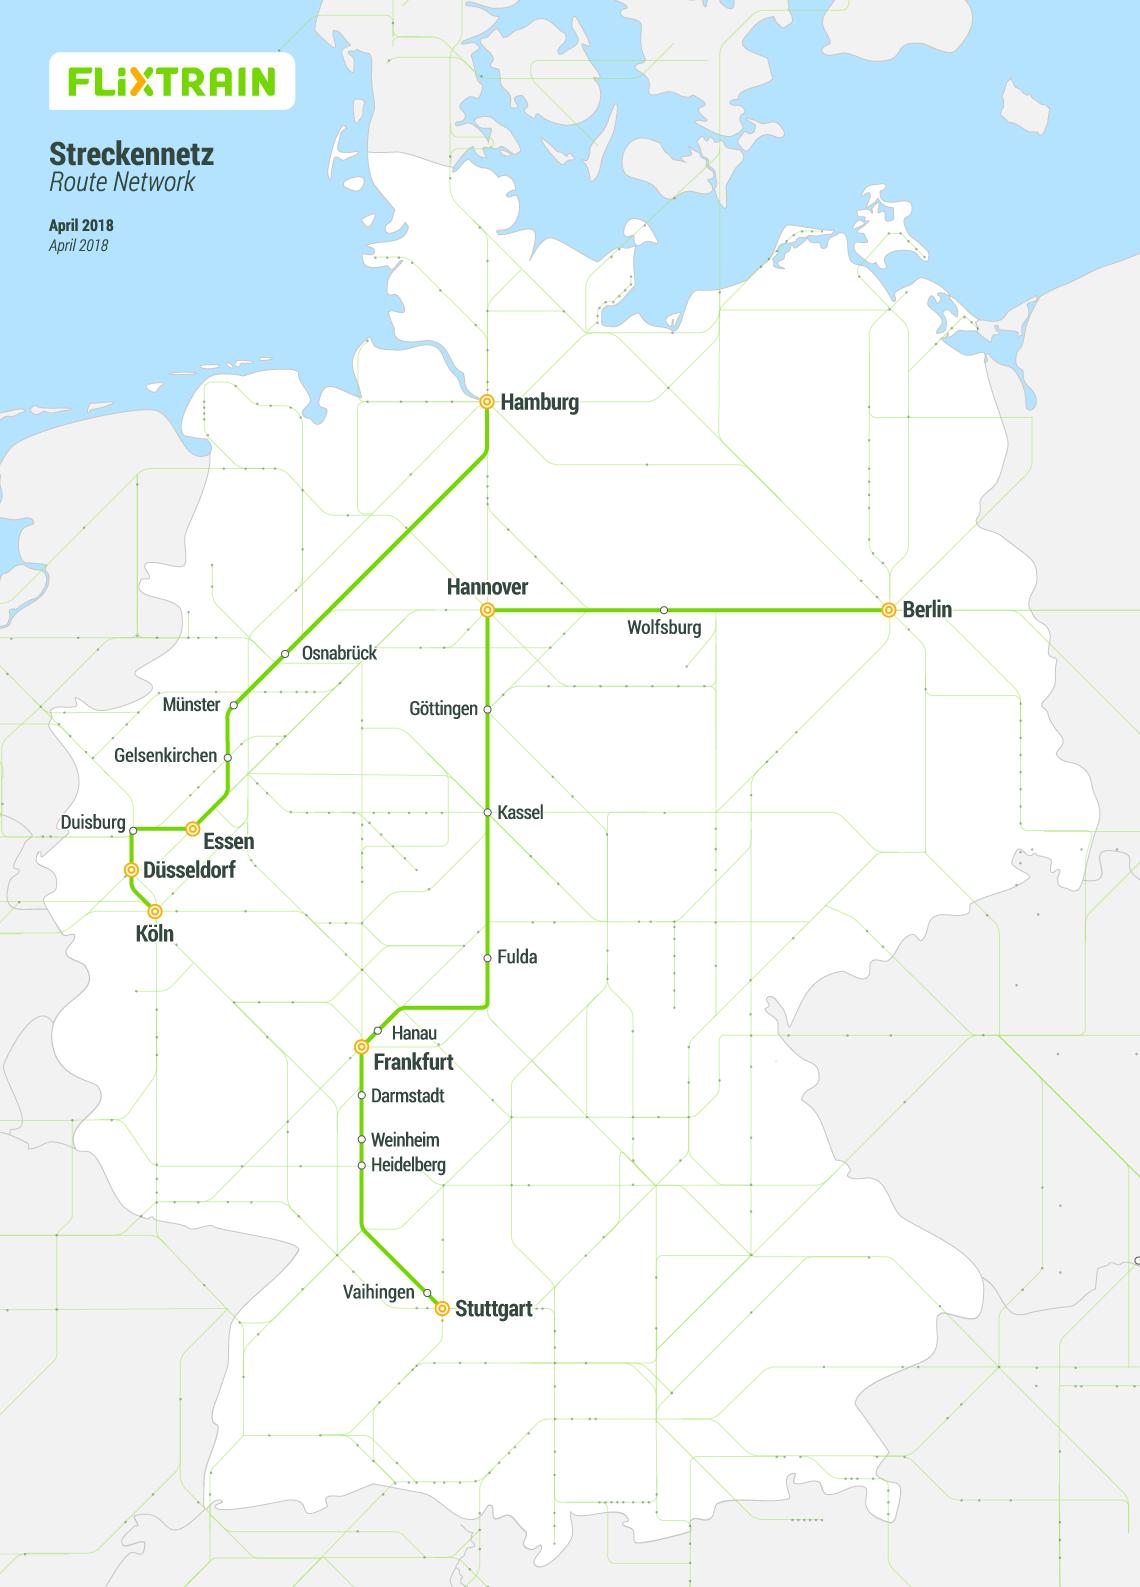 Flixtrain Tickets für 9,99 € wieder verfügbar, z.B. Stuttgart - Berlin, Hamburg - Düsseldorf